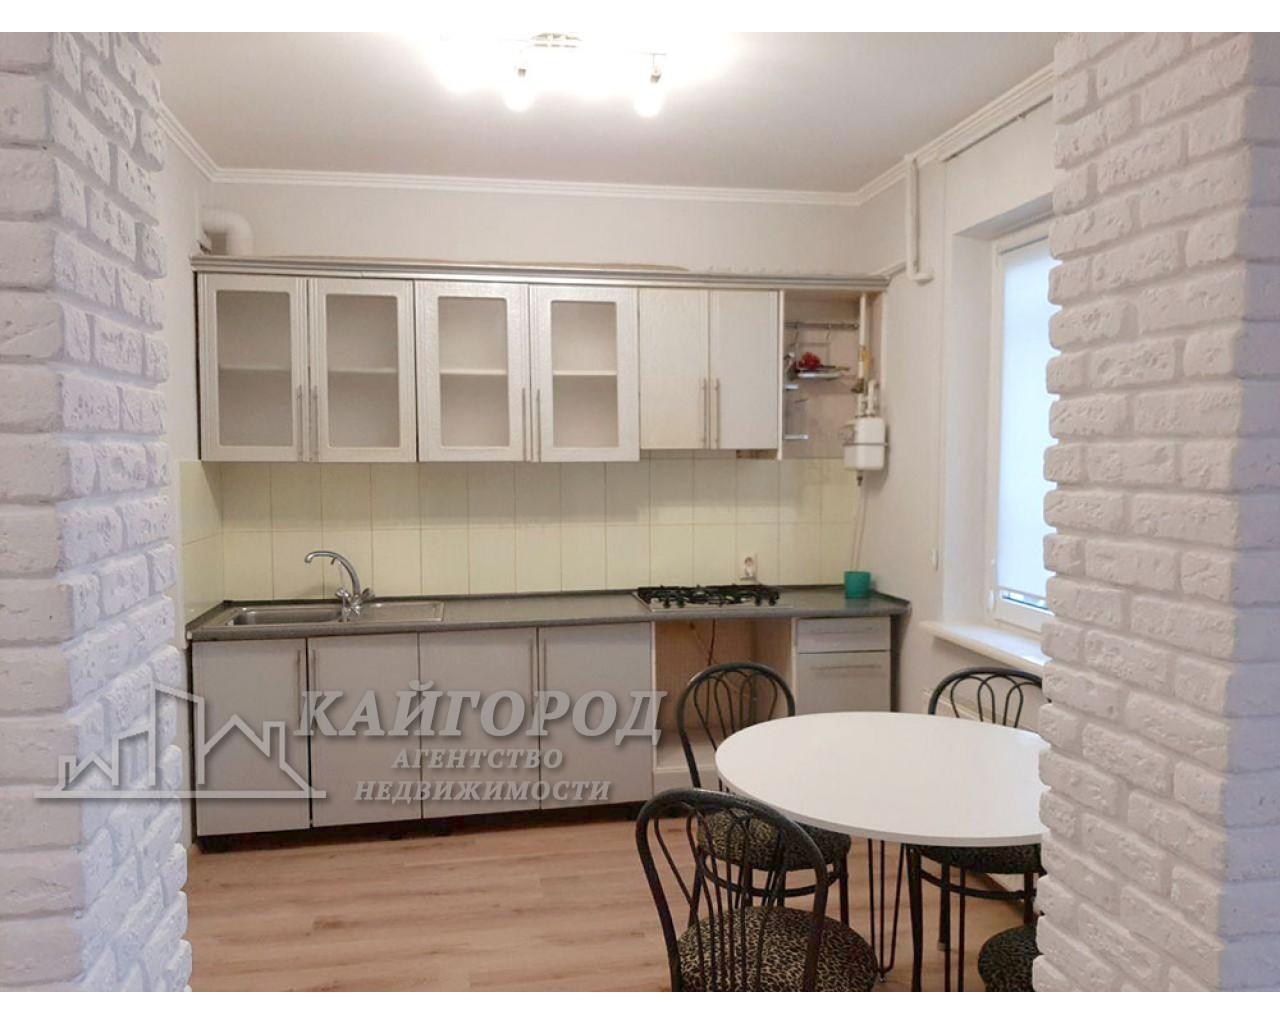 Квартира с дизайнерским ремонтом и увеличенной квадратурой